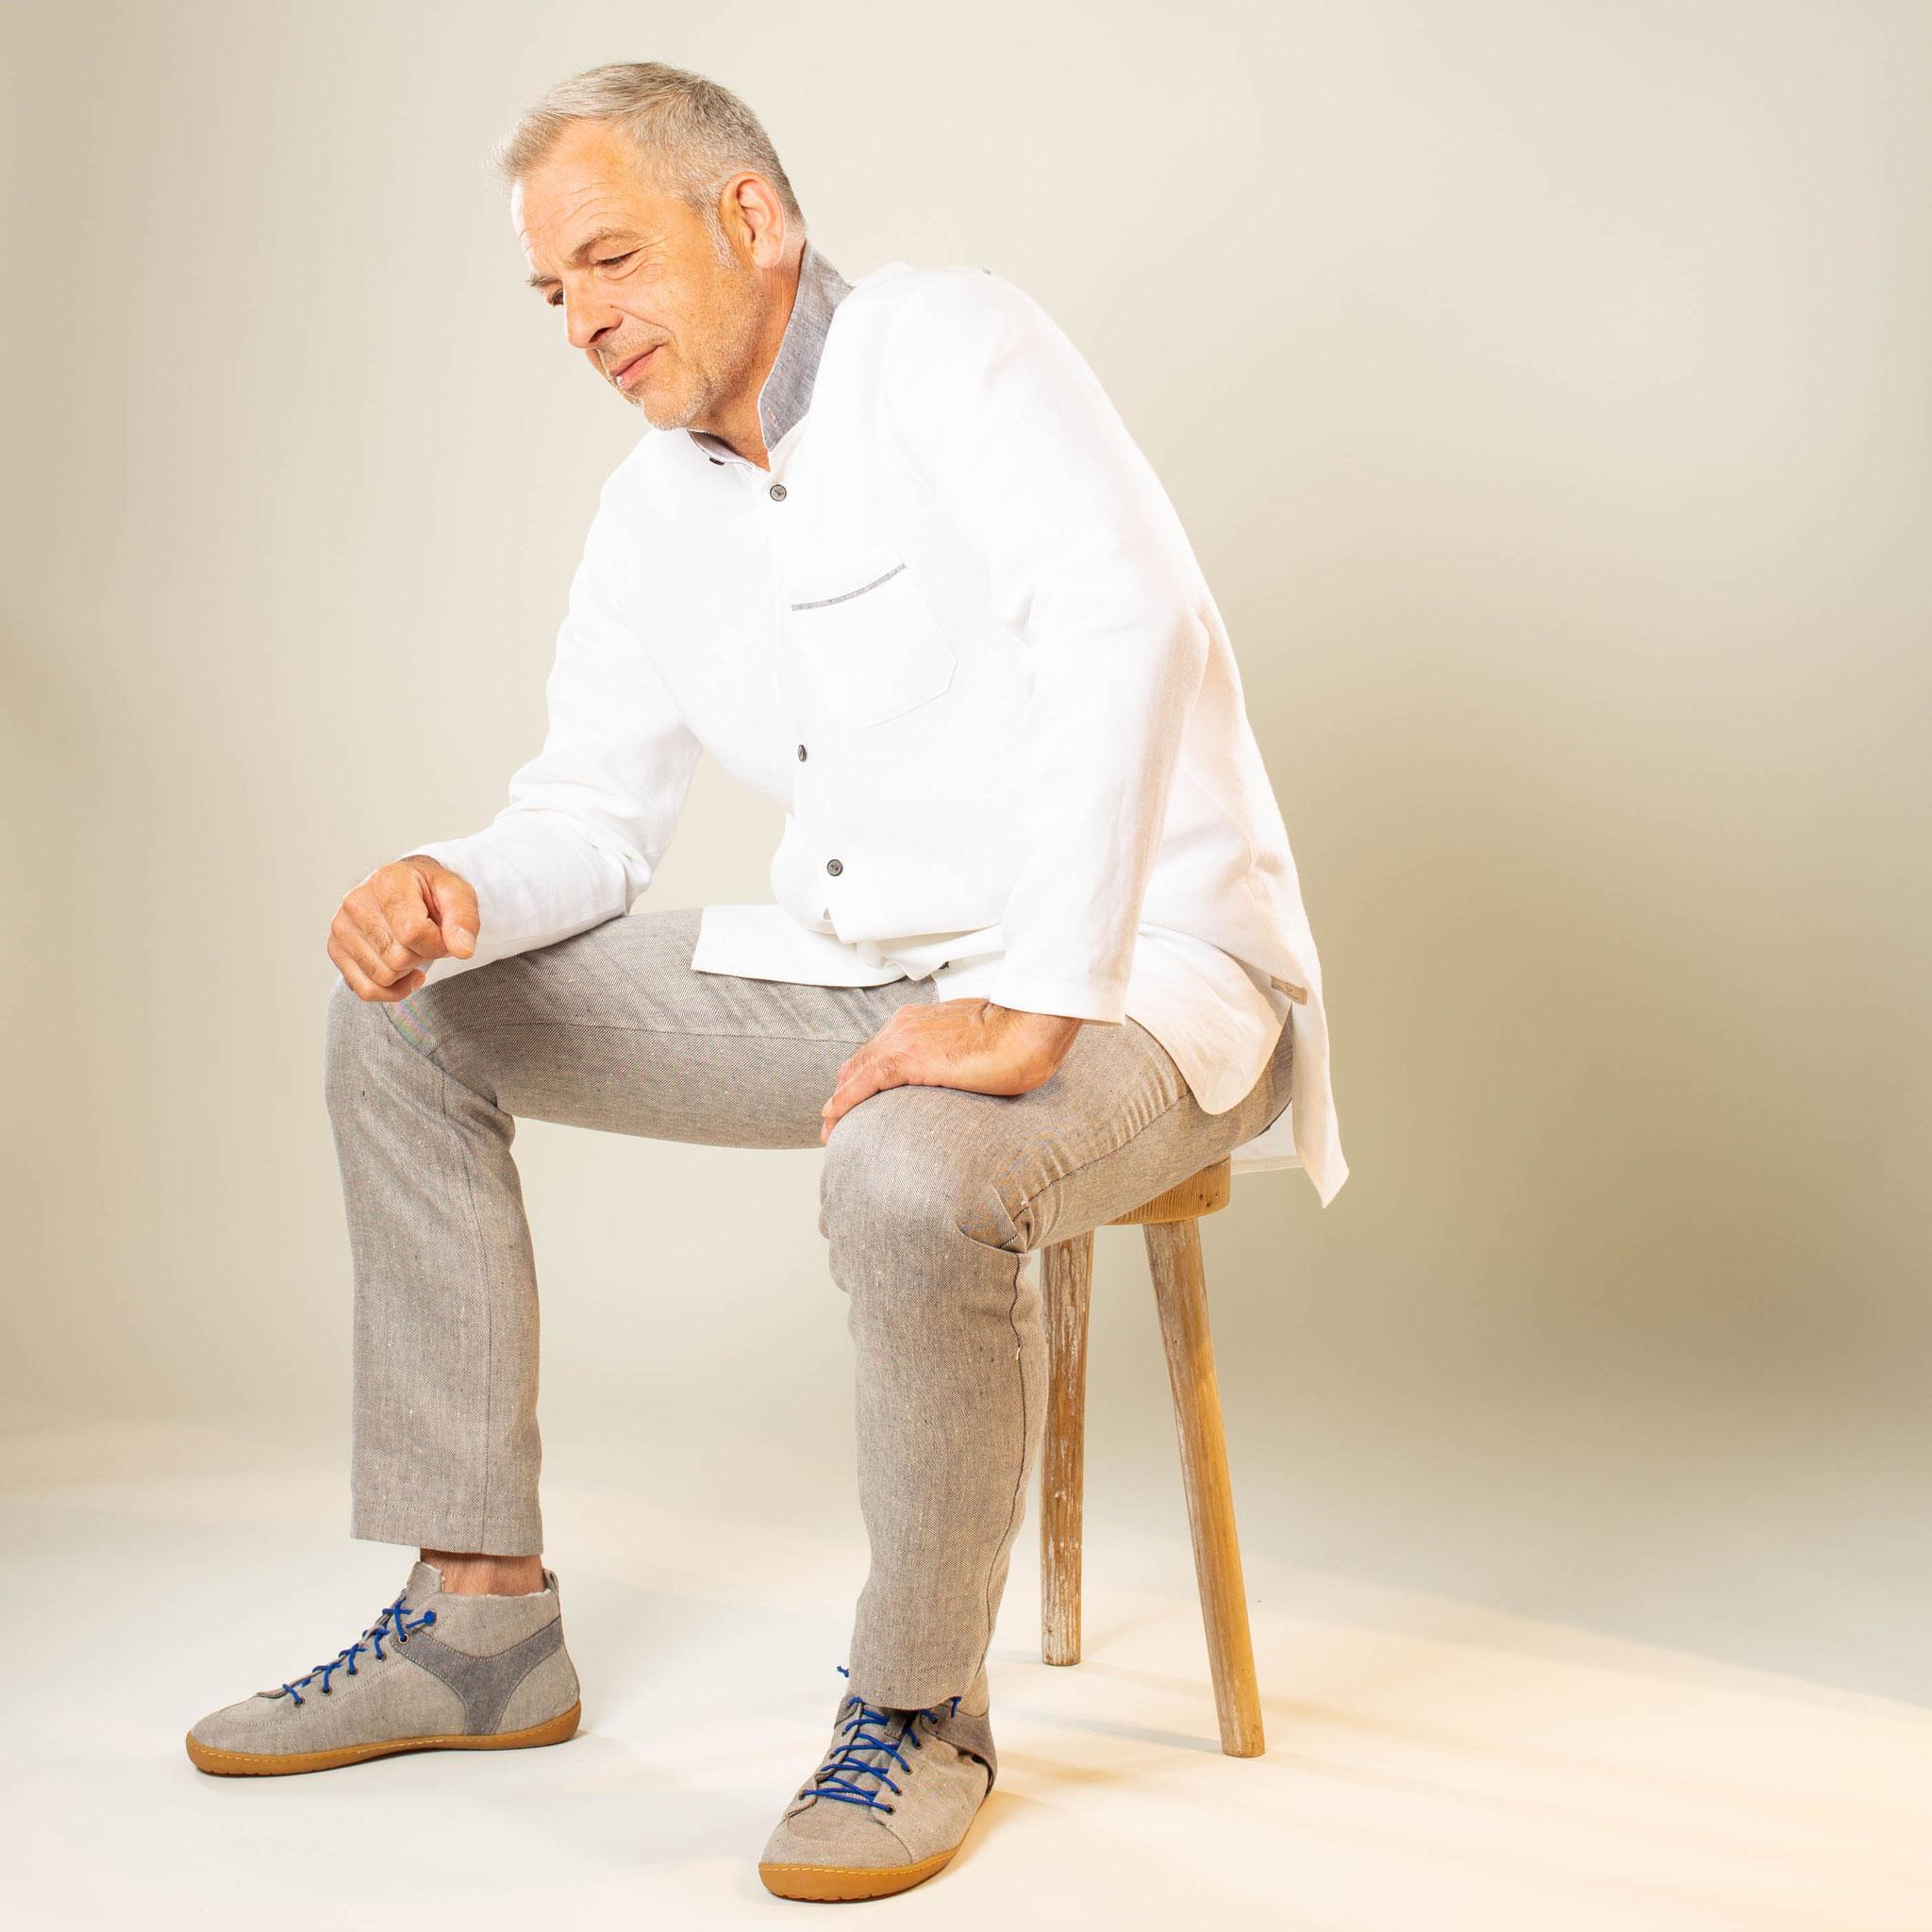 Leinen-Longhemd und Leinen-Jeans